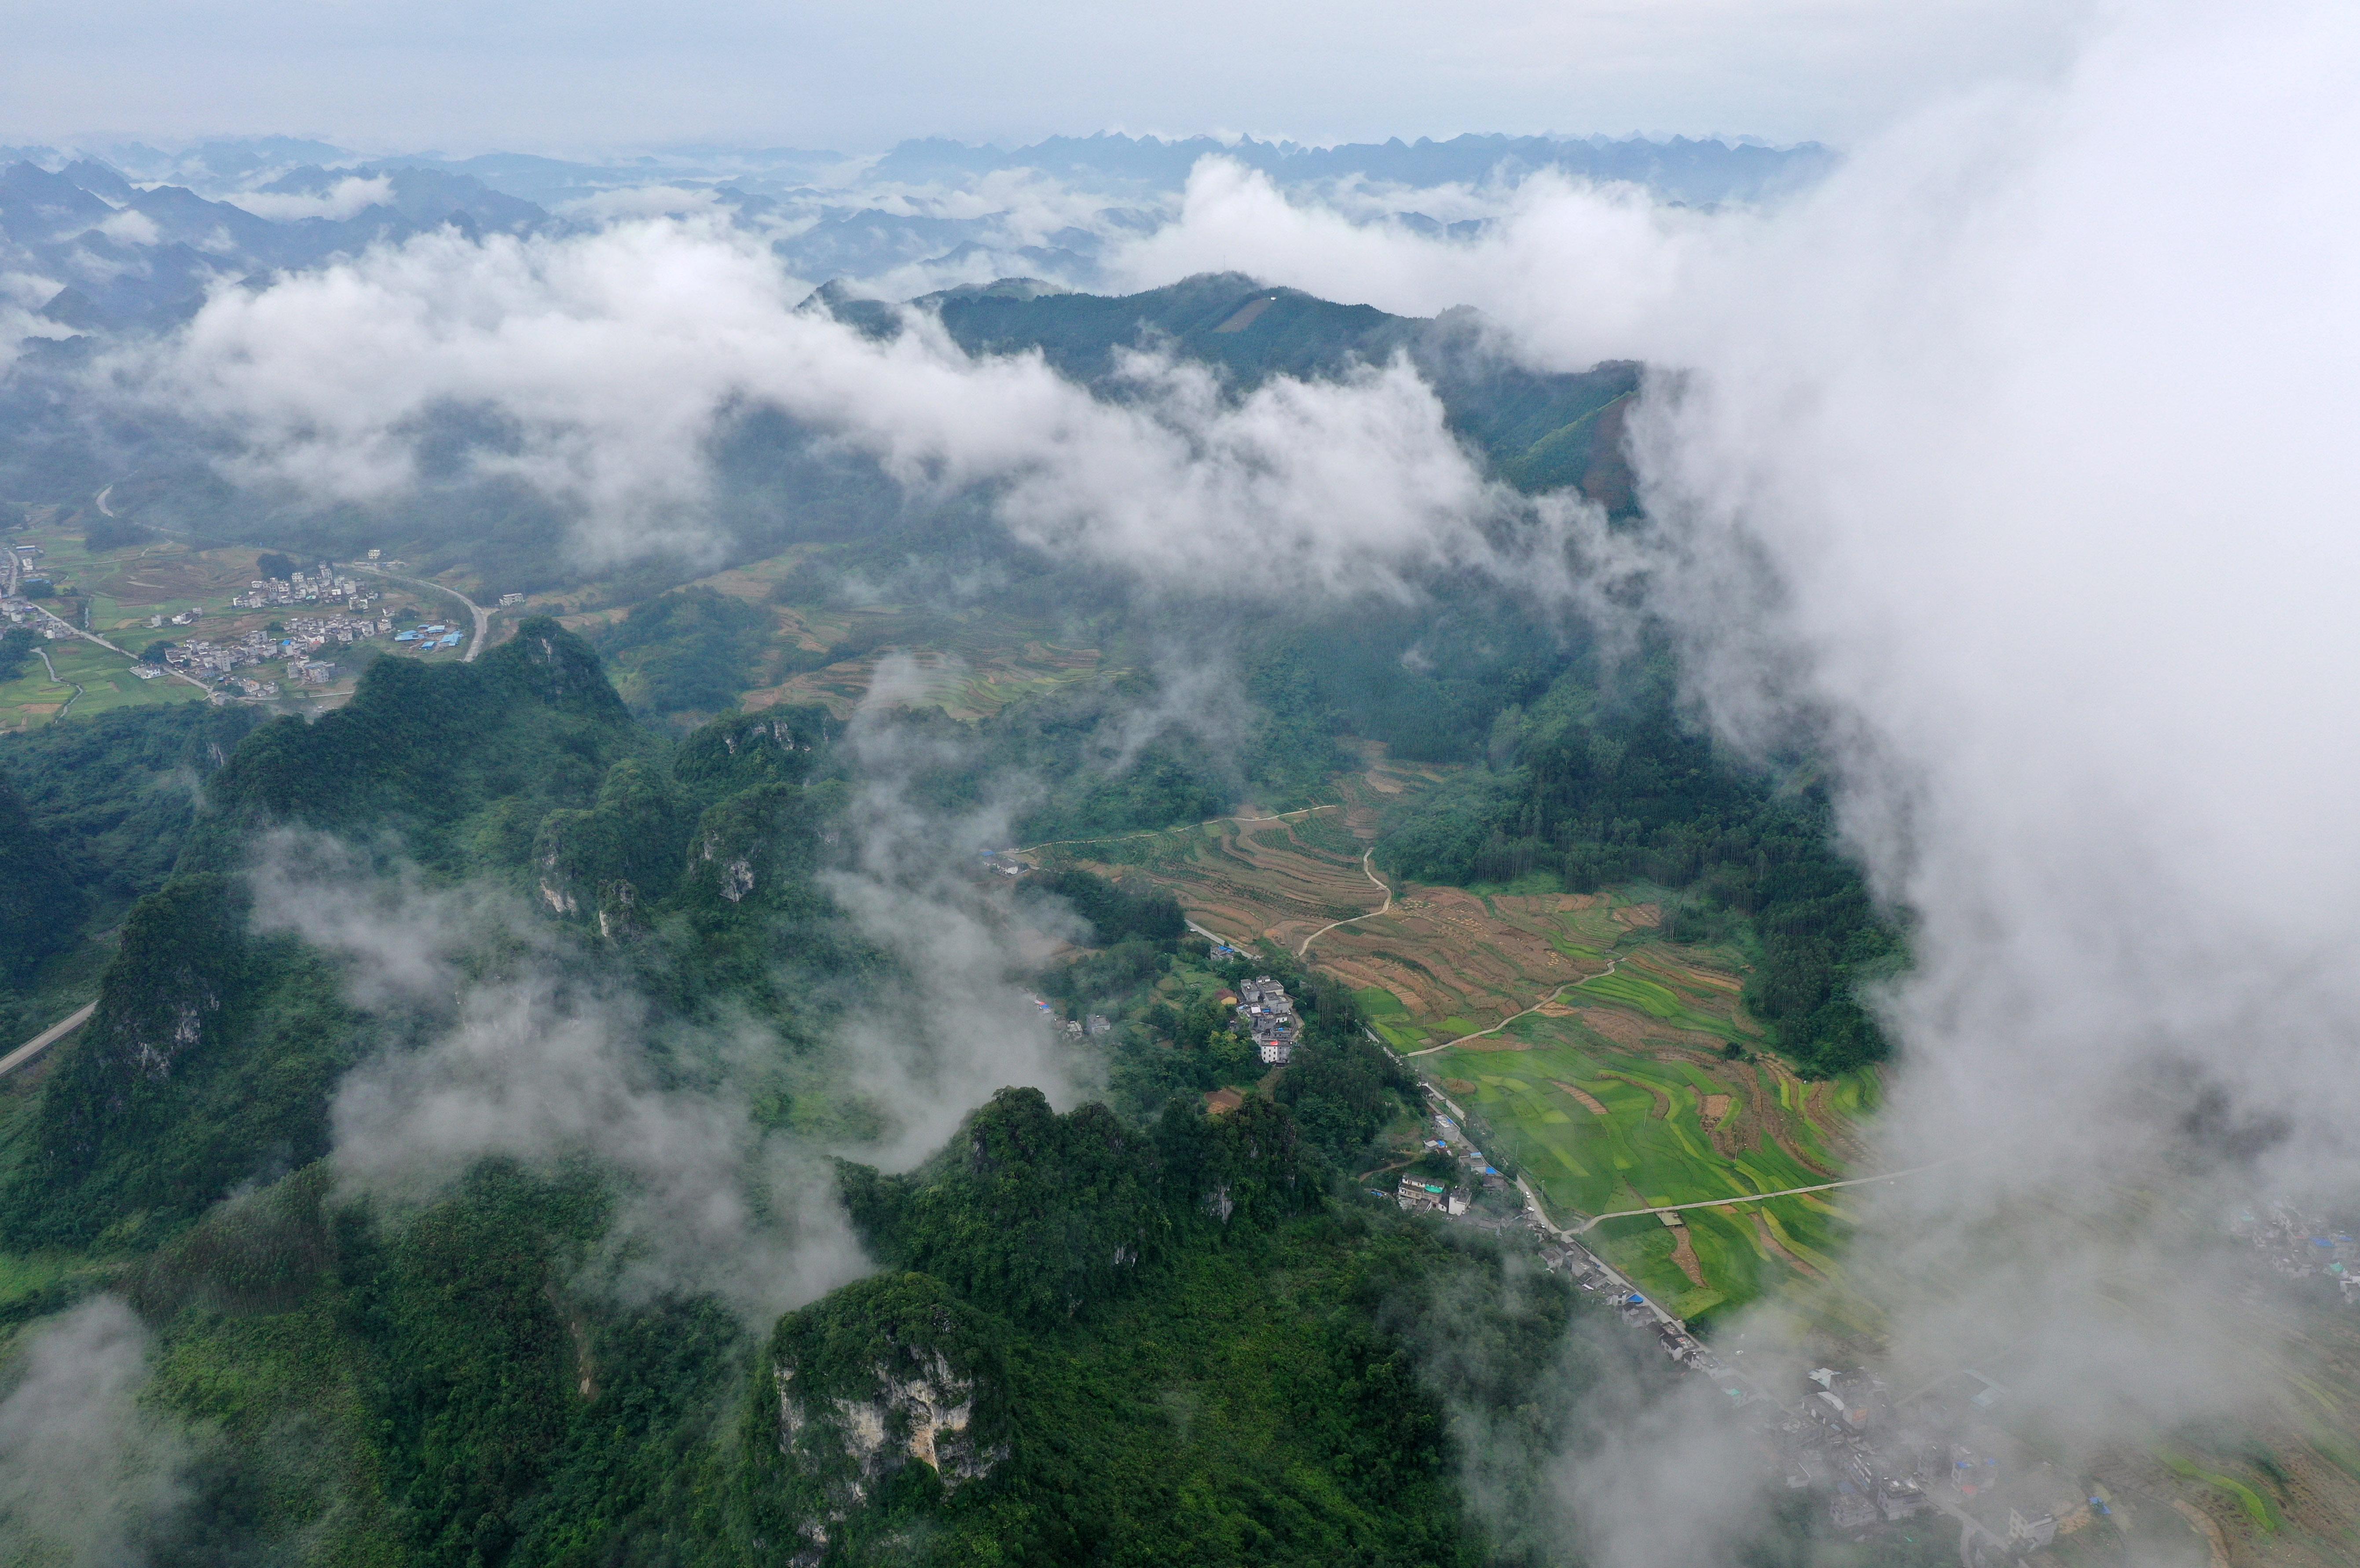 這是7月24日無人機拍攝的廣西都安瑤族自治縣下坳鎮云霧繚繞的風景。     當日,在廣西都安瑤族自治縣下坳鎮,云霧繚繞于群山大地之間,充滿詩情畫意。     新華社記者 陸波岸 攝